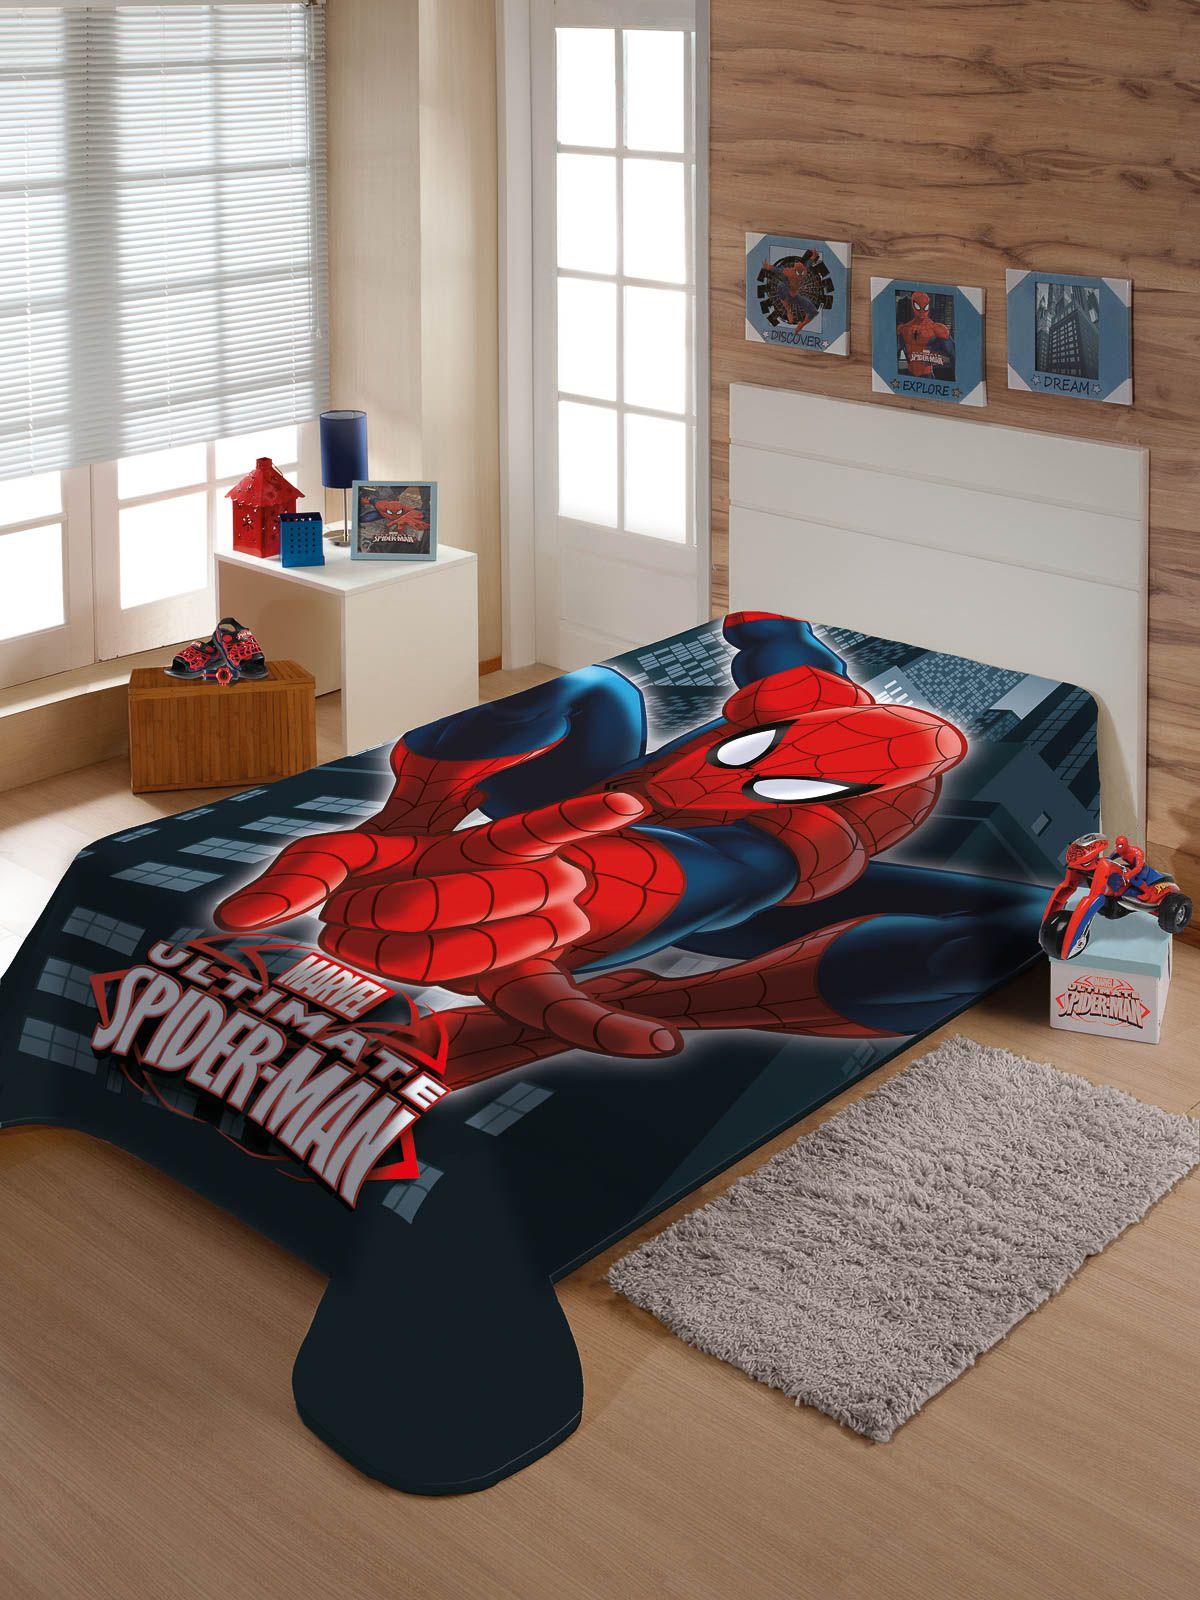 Cobertor Juvenil Jolitex Solteiro Não Alérgico 1,50 x 2,00 Mt Marvel Homem Aranha